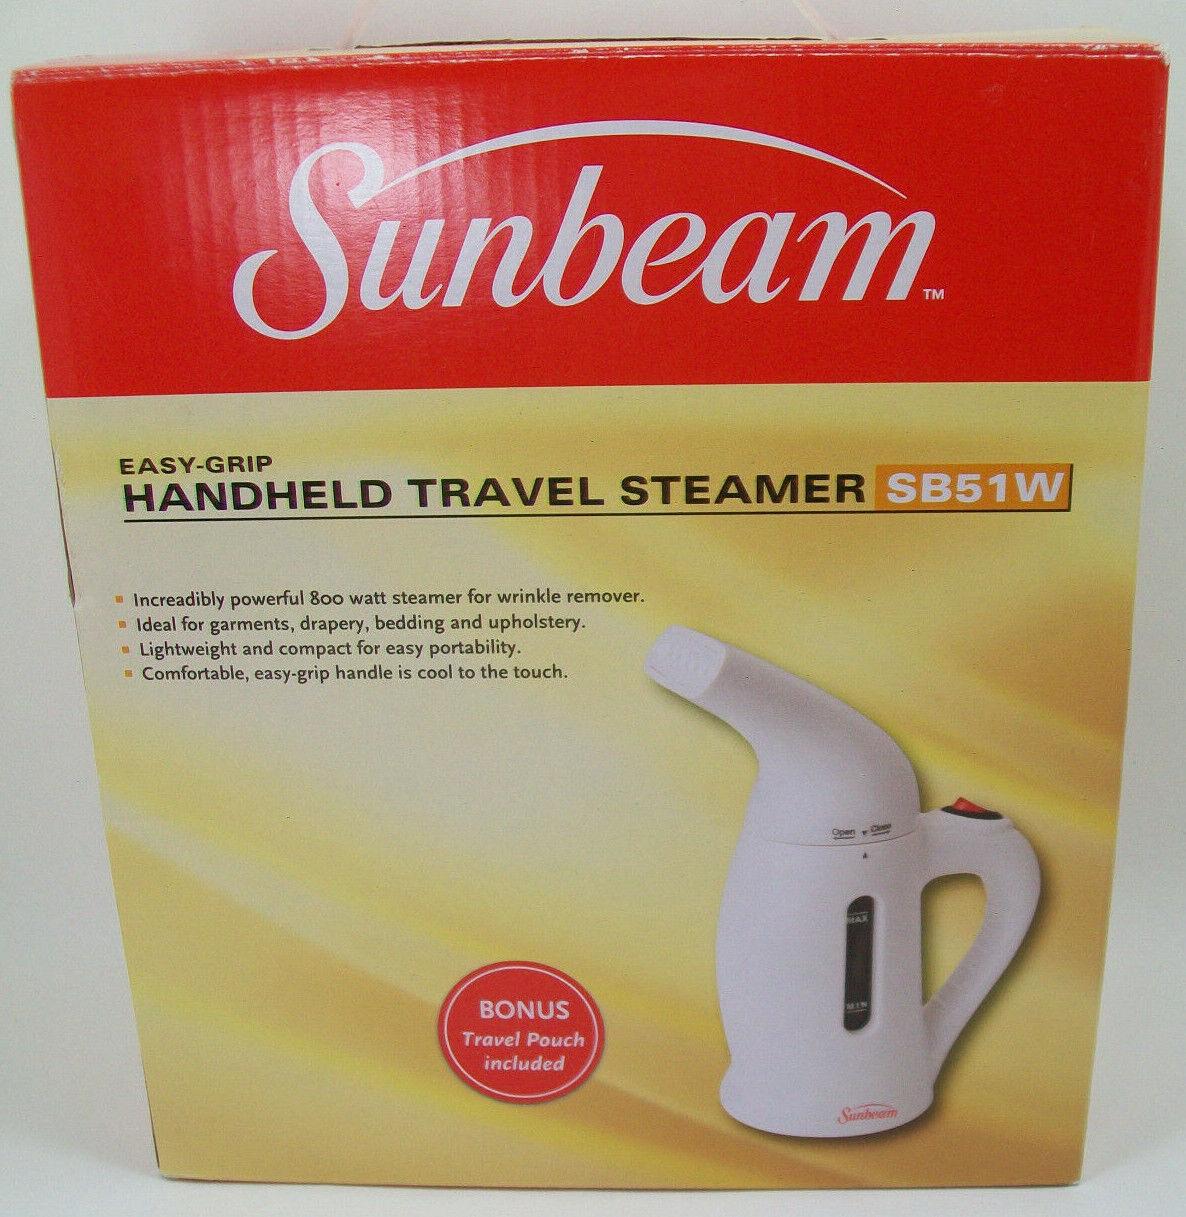 NEW SUNBEAM HANDHELD TRAVEL STEAMER MODEL # SB51W WHITE